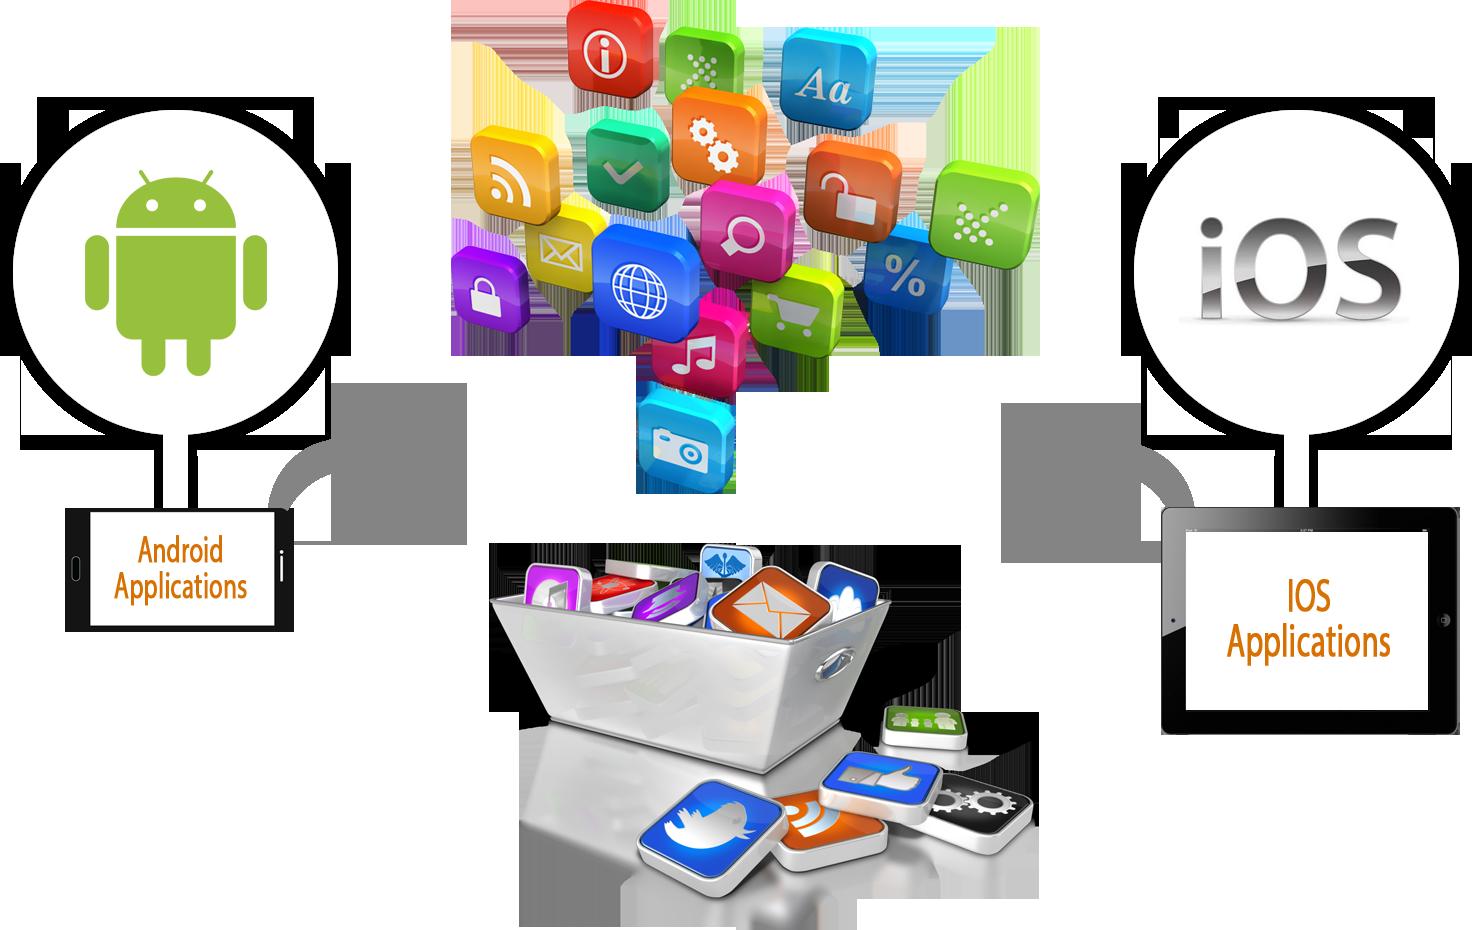 Hybrid Mobile App Development for Startups - Image 2